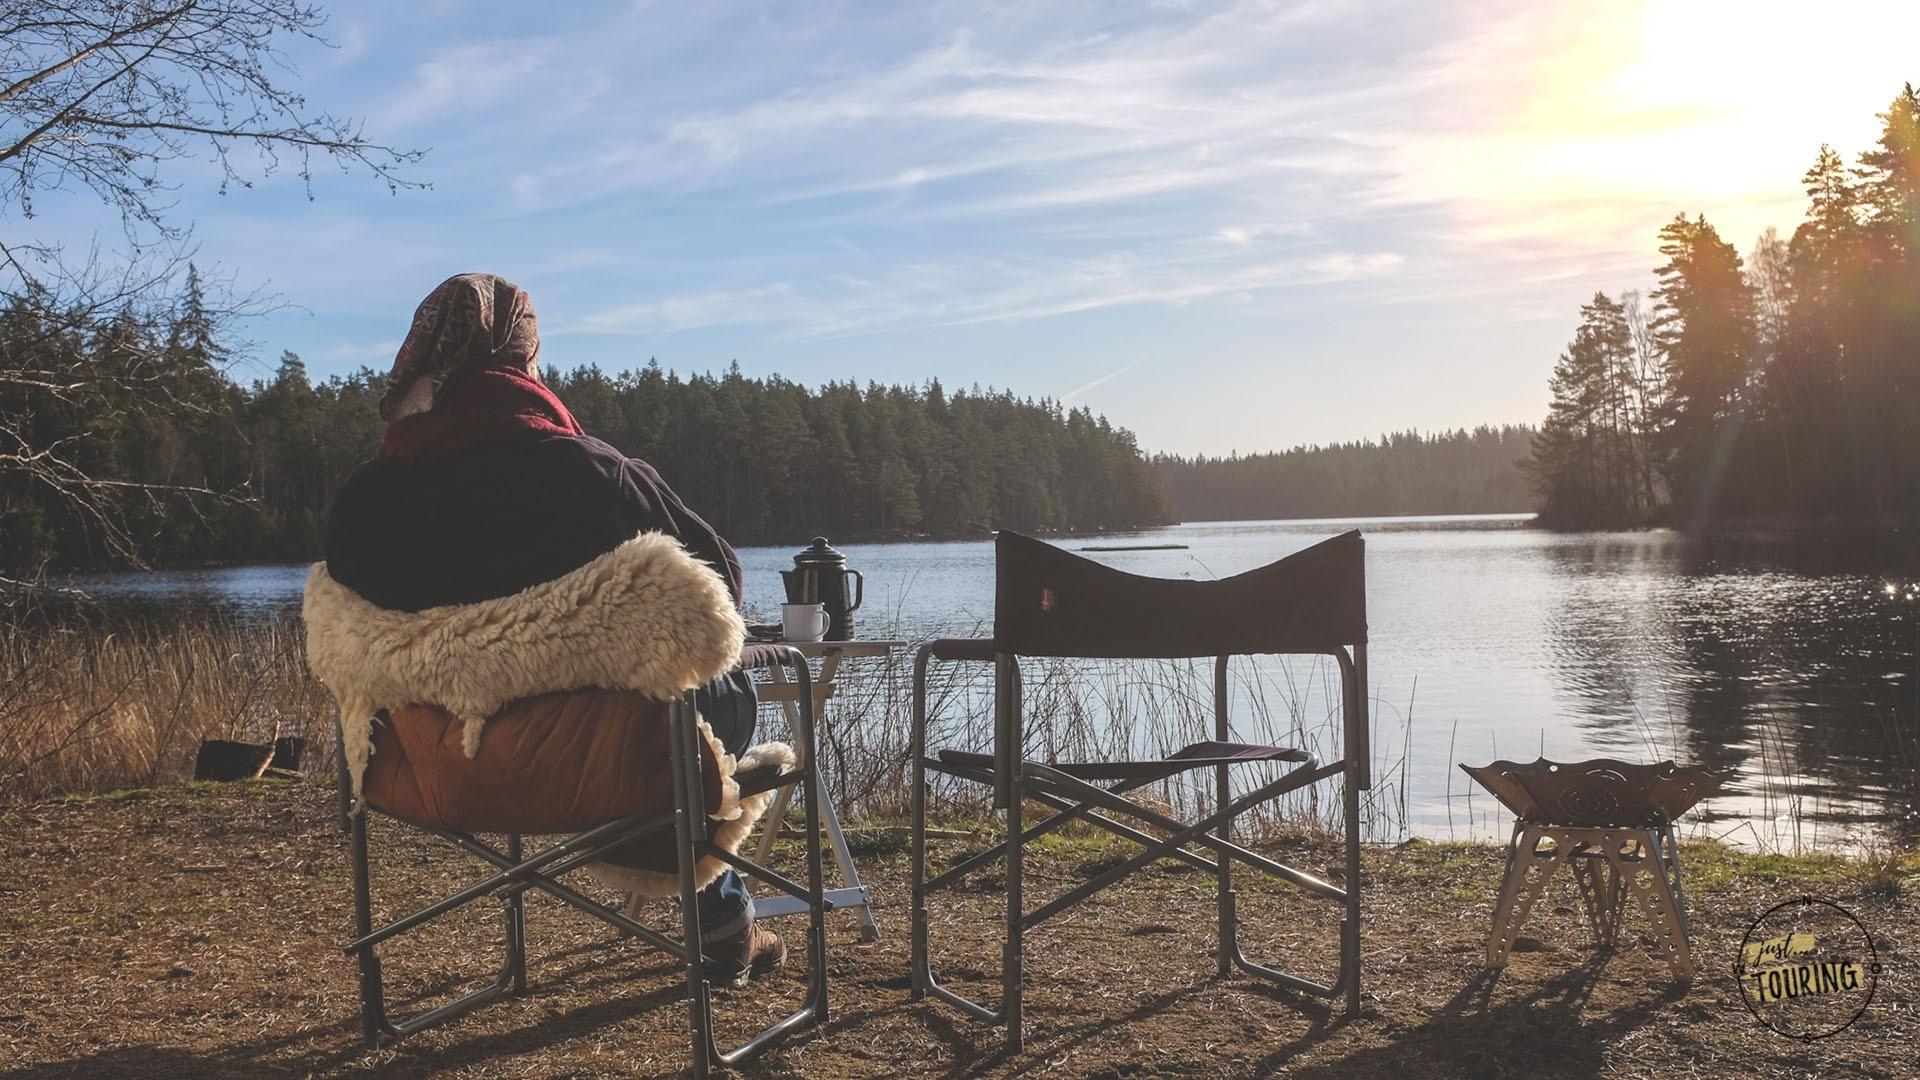 Giuls blickt auf einen See in Schweden